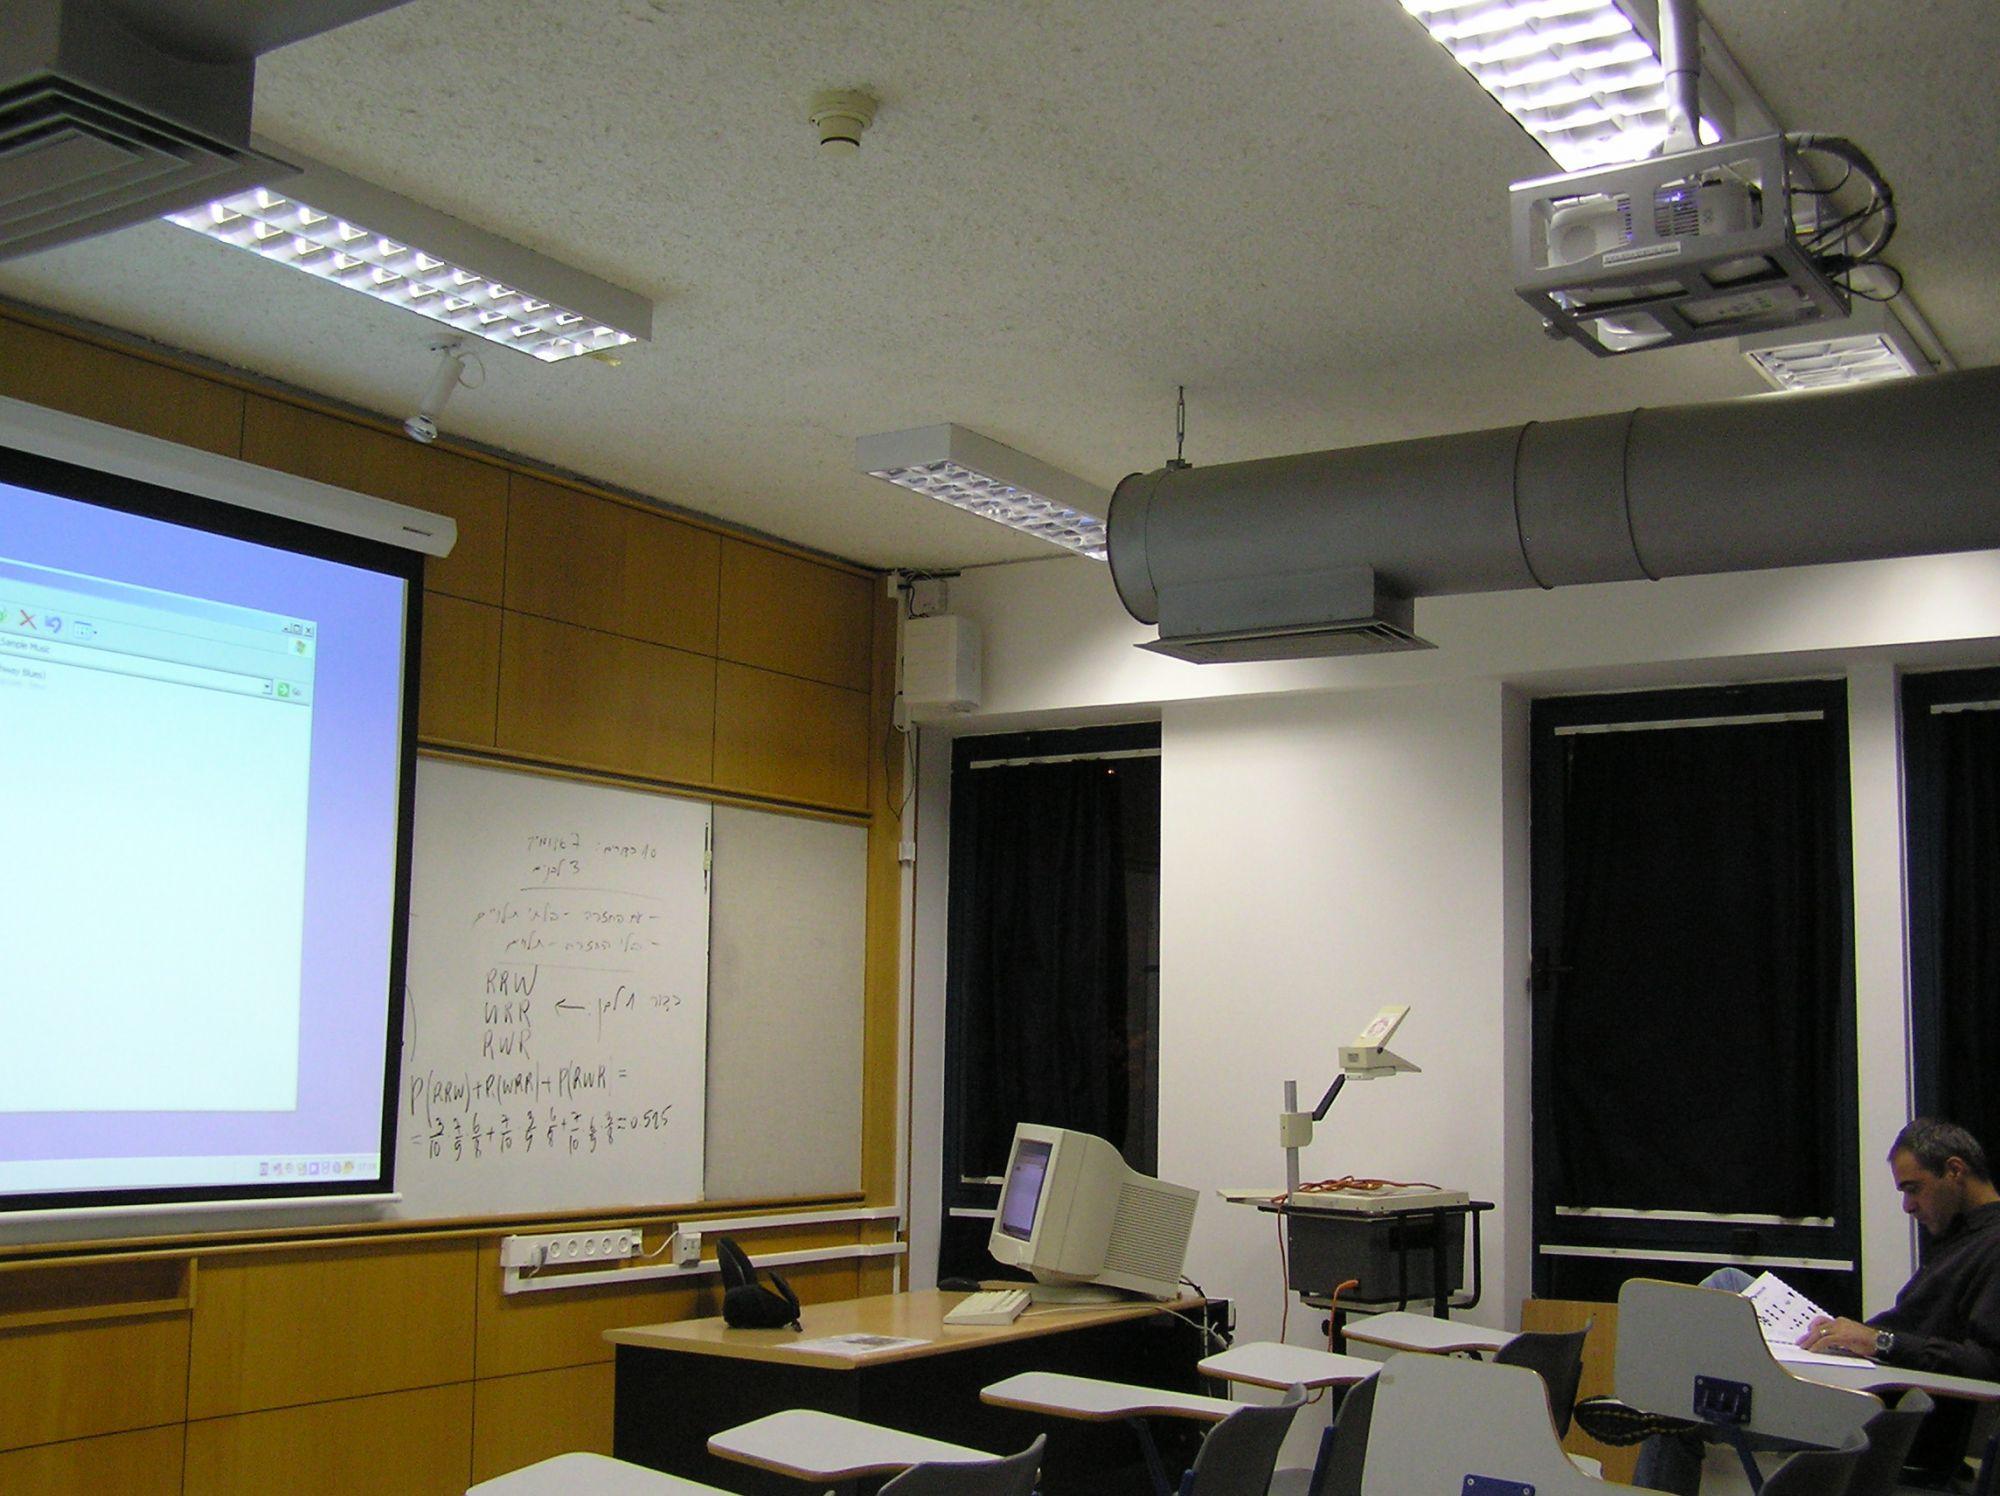 כיתות לימוד